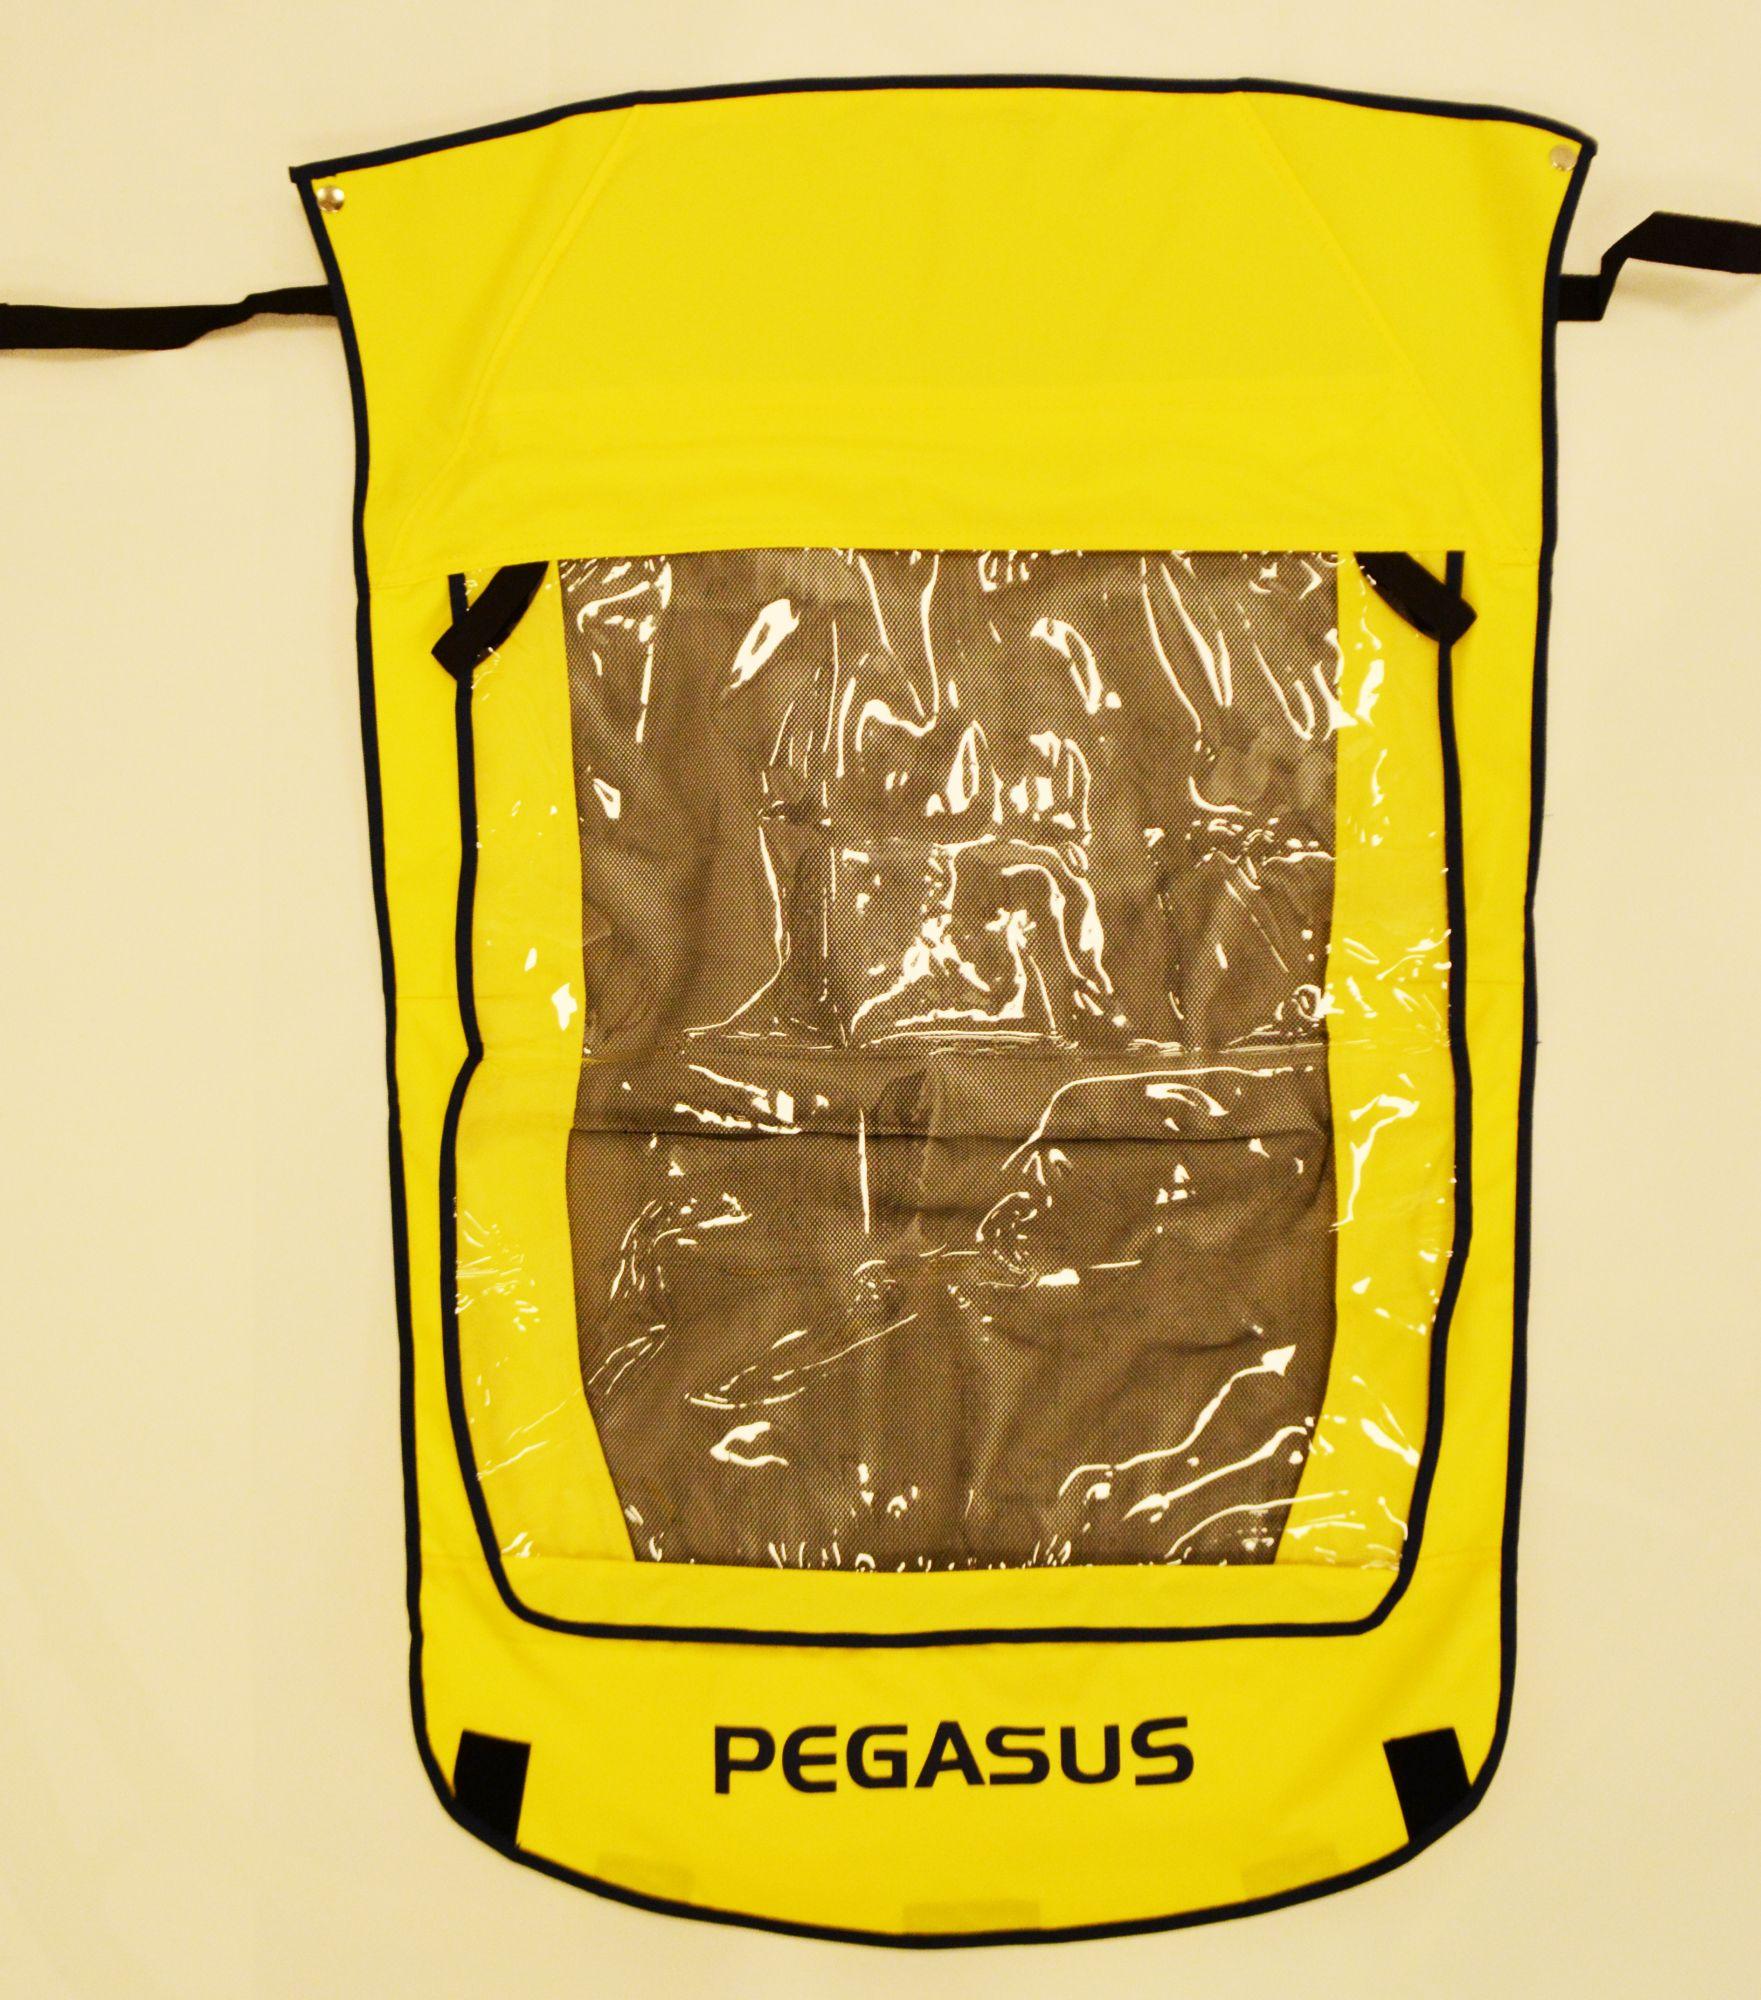 zubehör für anhänger: Pegasus  2in1 Verdeck für Kinderanhänger Double